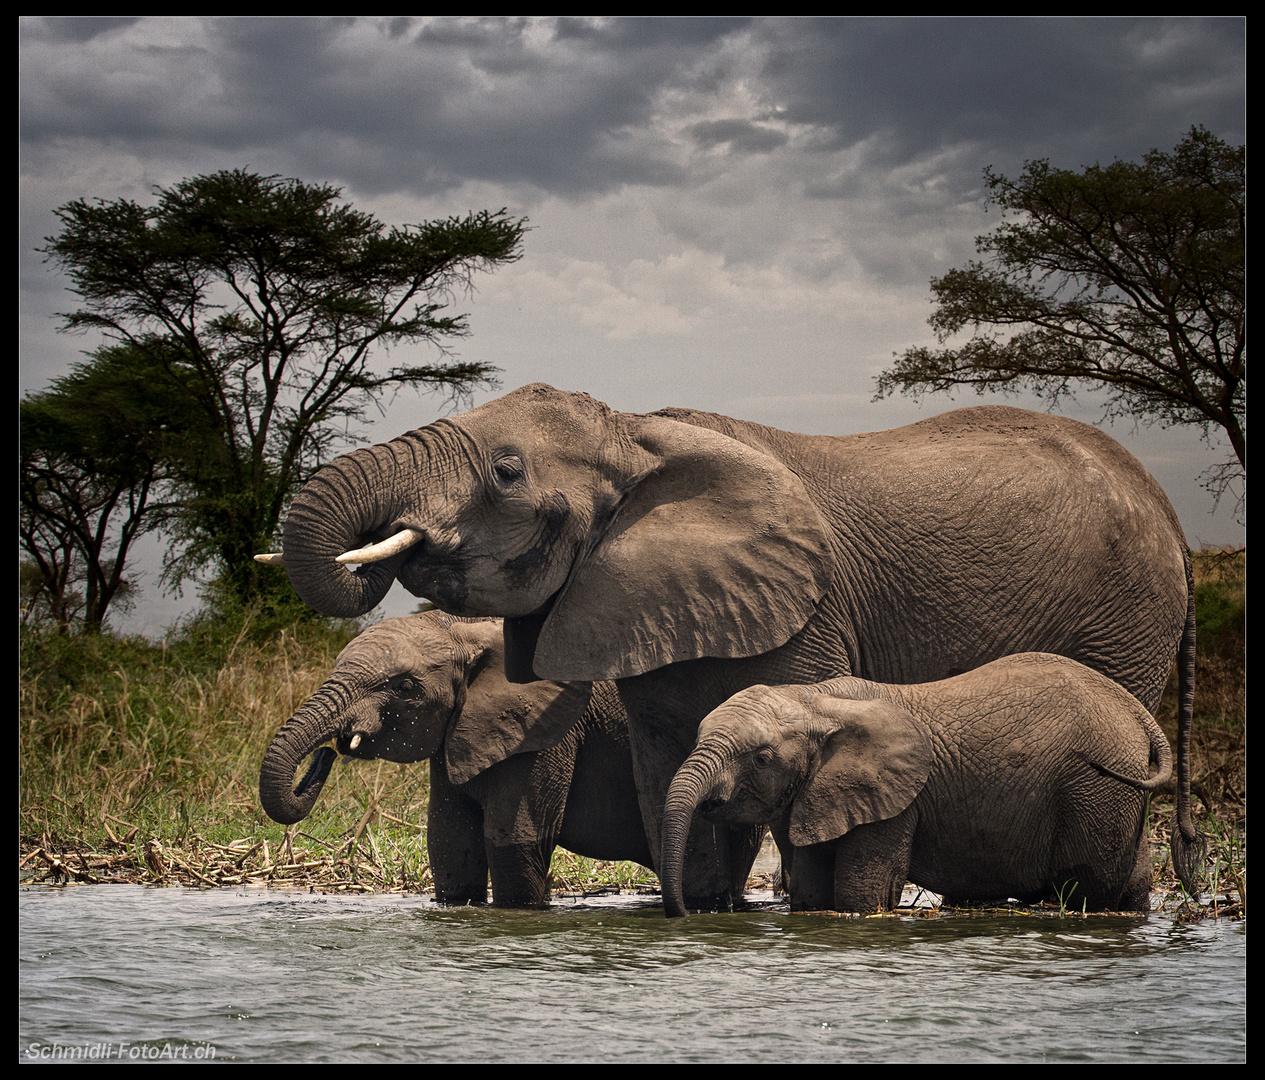 *Giganten Afrikas*